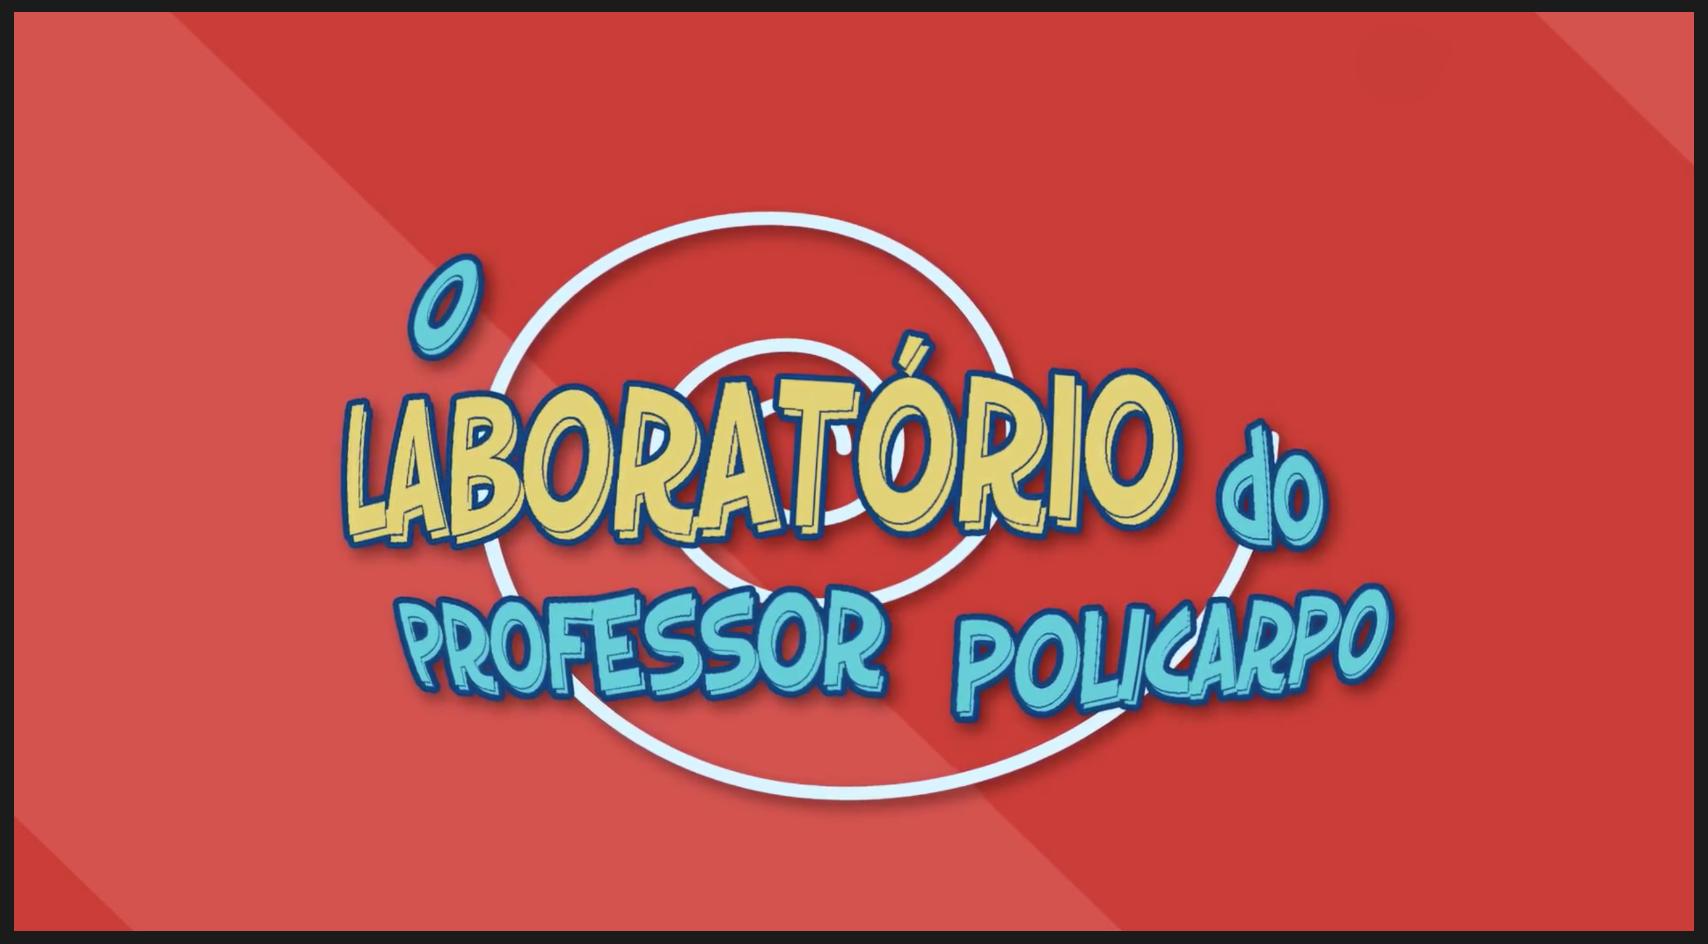 O laboratório do Professor Policarpo